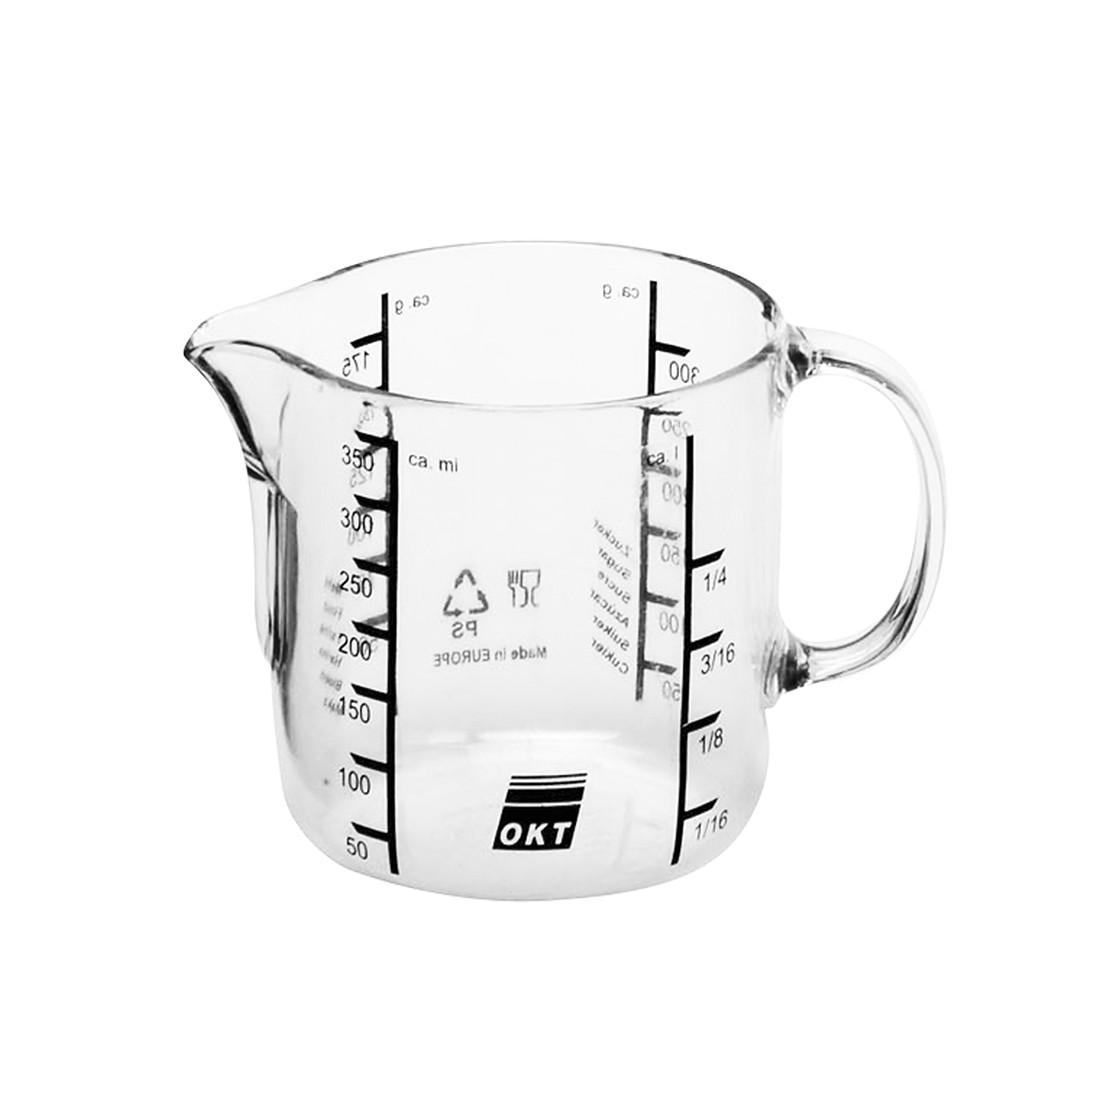 Messkanne – Polystrol Transparent – 10 cm 0,5 Liter, OKT online bestellen